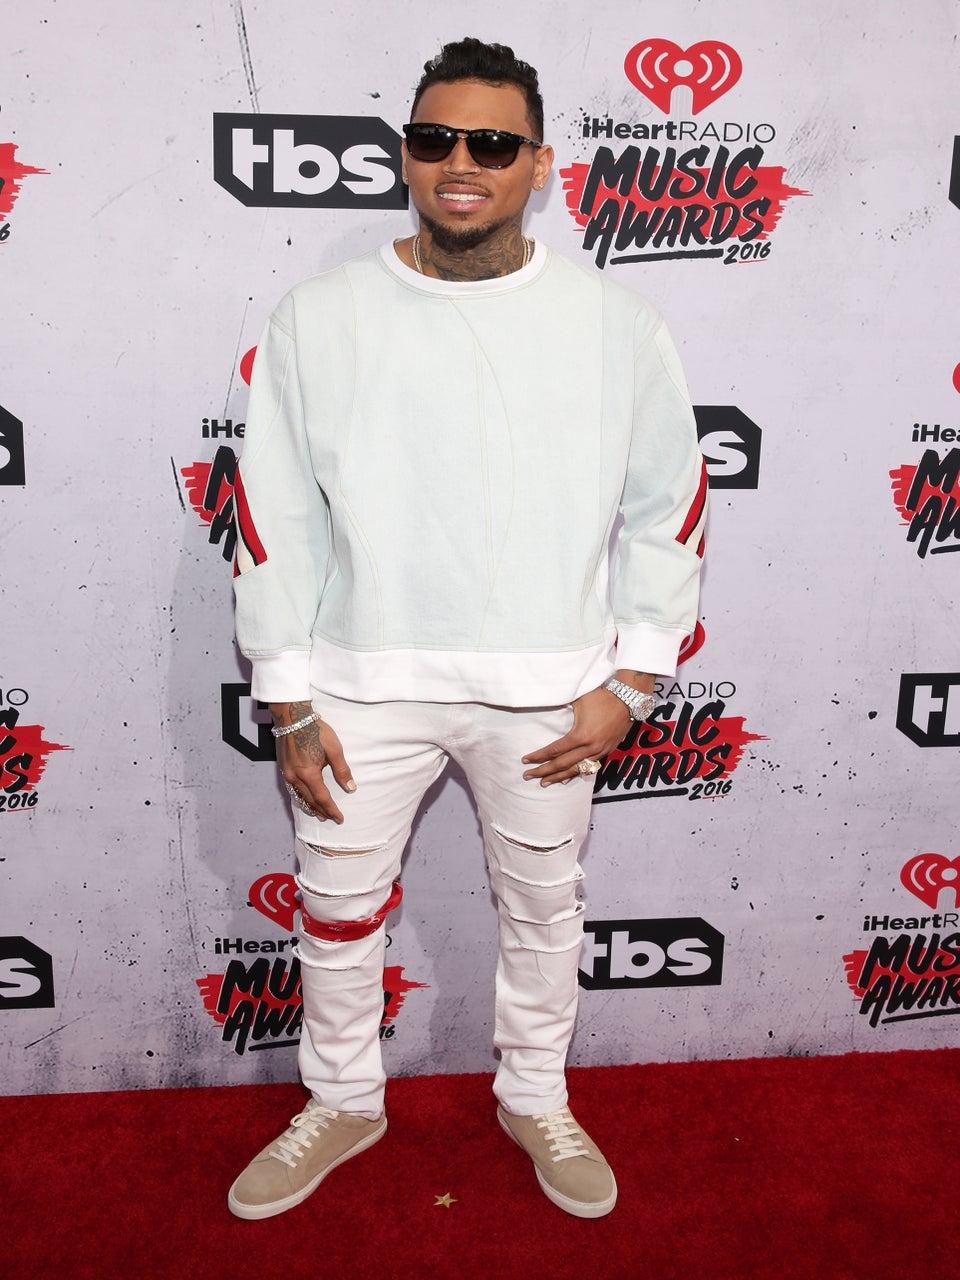 Chris Brown Addresses Rihanna Assault in New Documentary: 'I Felt Like a Monster'